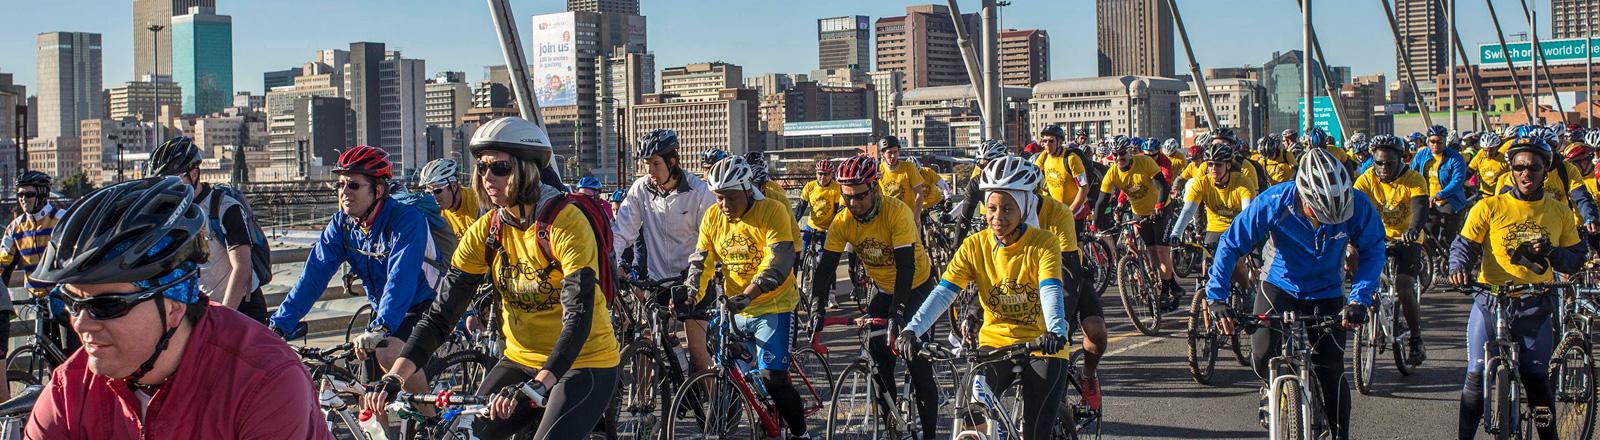 Über die Mandela-Brücke in Johannisburg fahren viele Fahrradfahrer. Sie tragen alle Helm und viele gelbe T-Shirts. Die Tour (Juli 2014) erinnert an Nelson Mandela und führt durch Johannisburg und Soweto; Bild: dpa